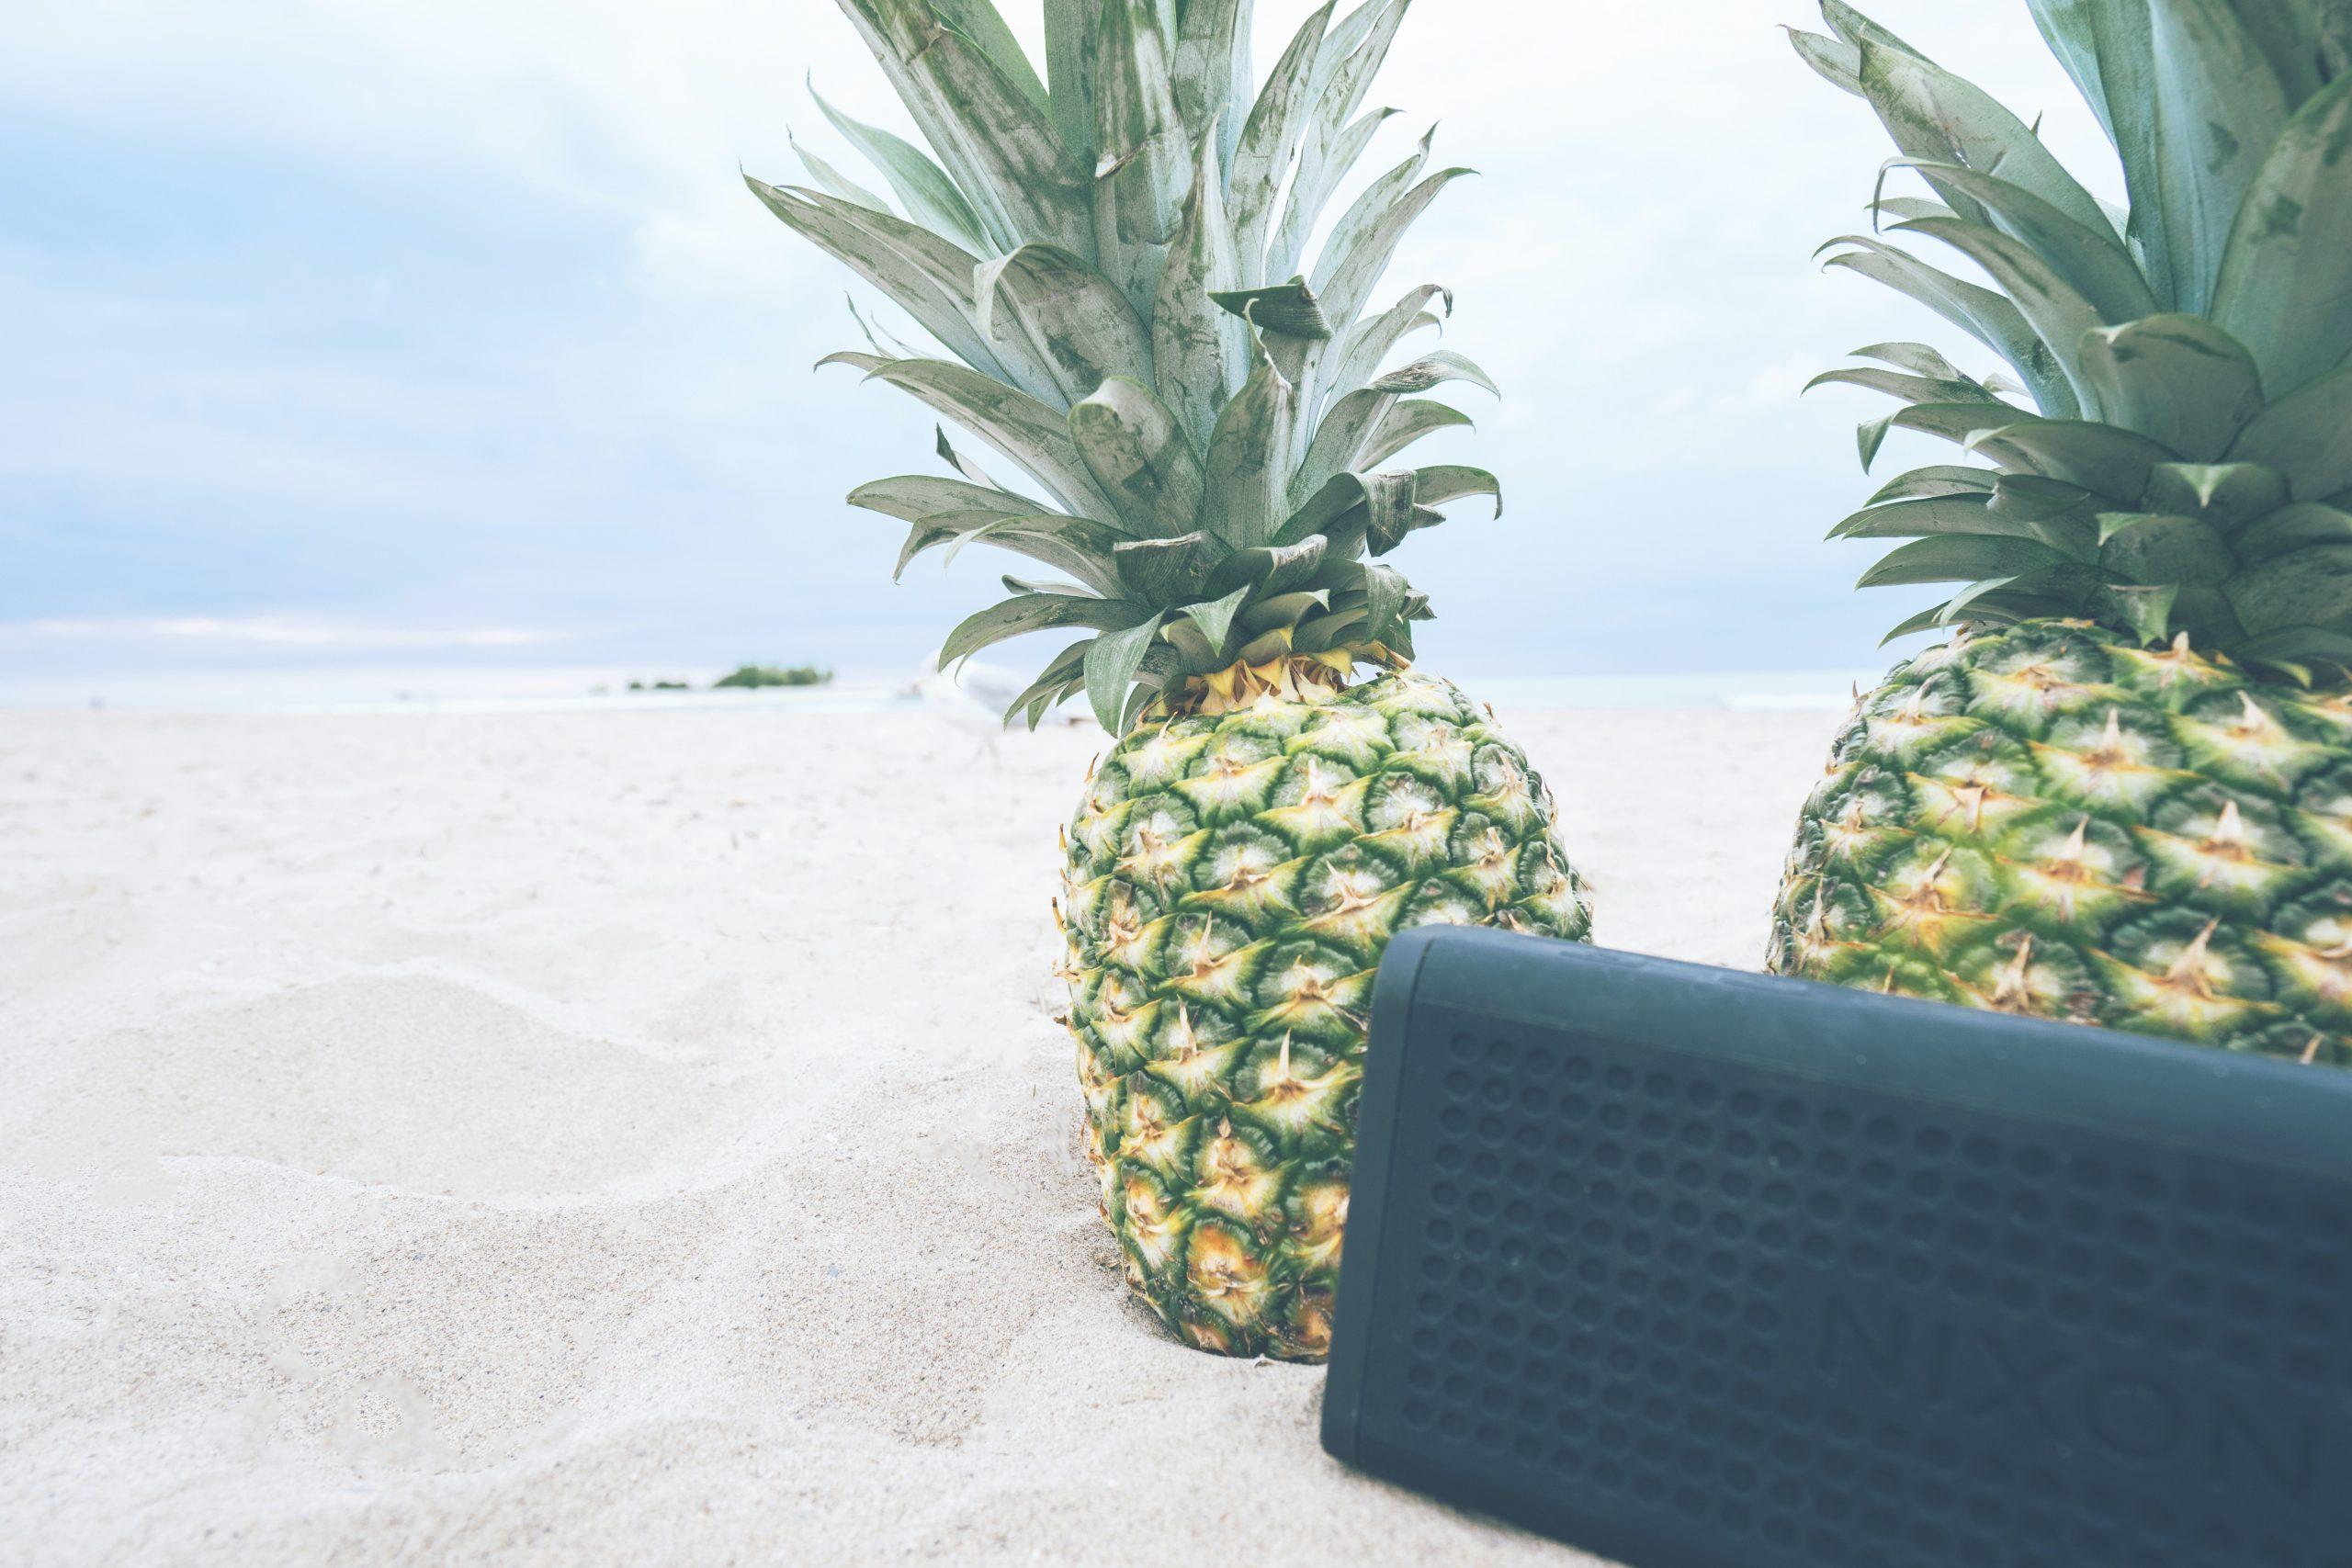 Imagem mostra uma caixa de som na areia da praia junto com dois abacaxis.